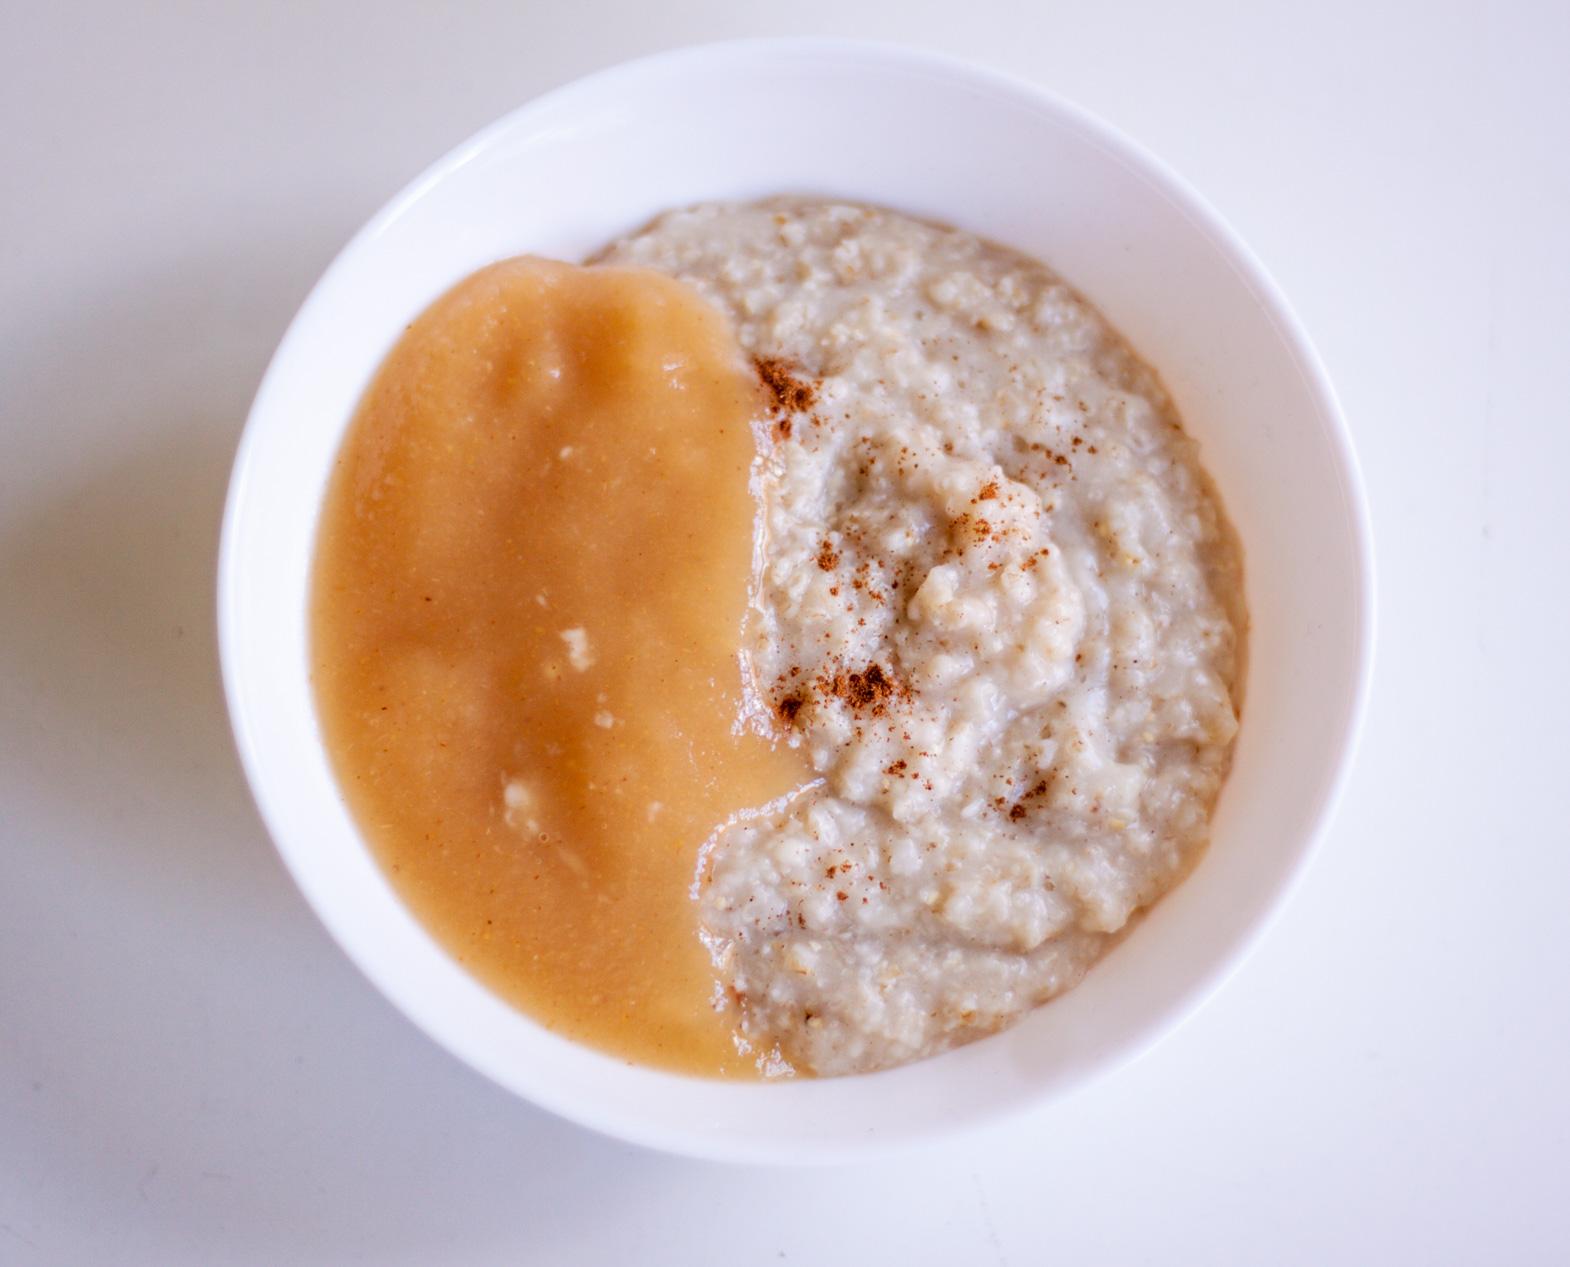 gesunde_Frühstücksrezepte_Porridge